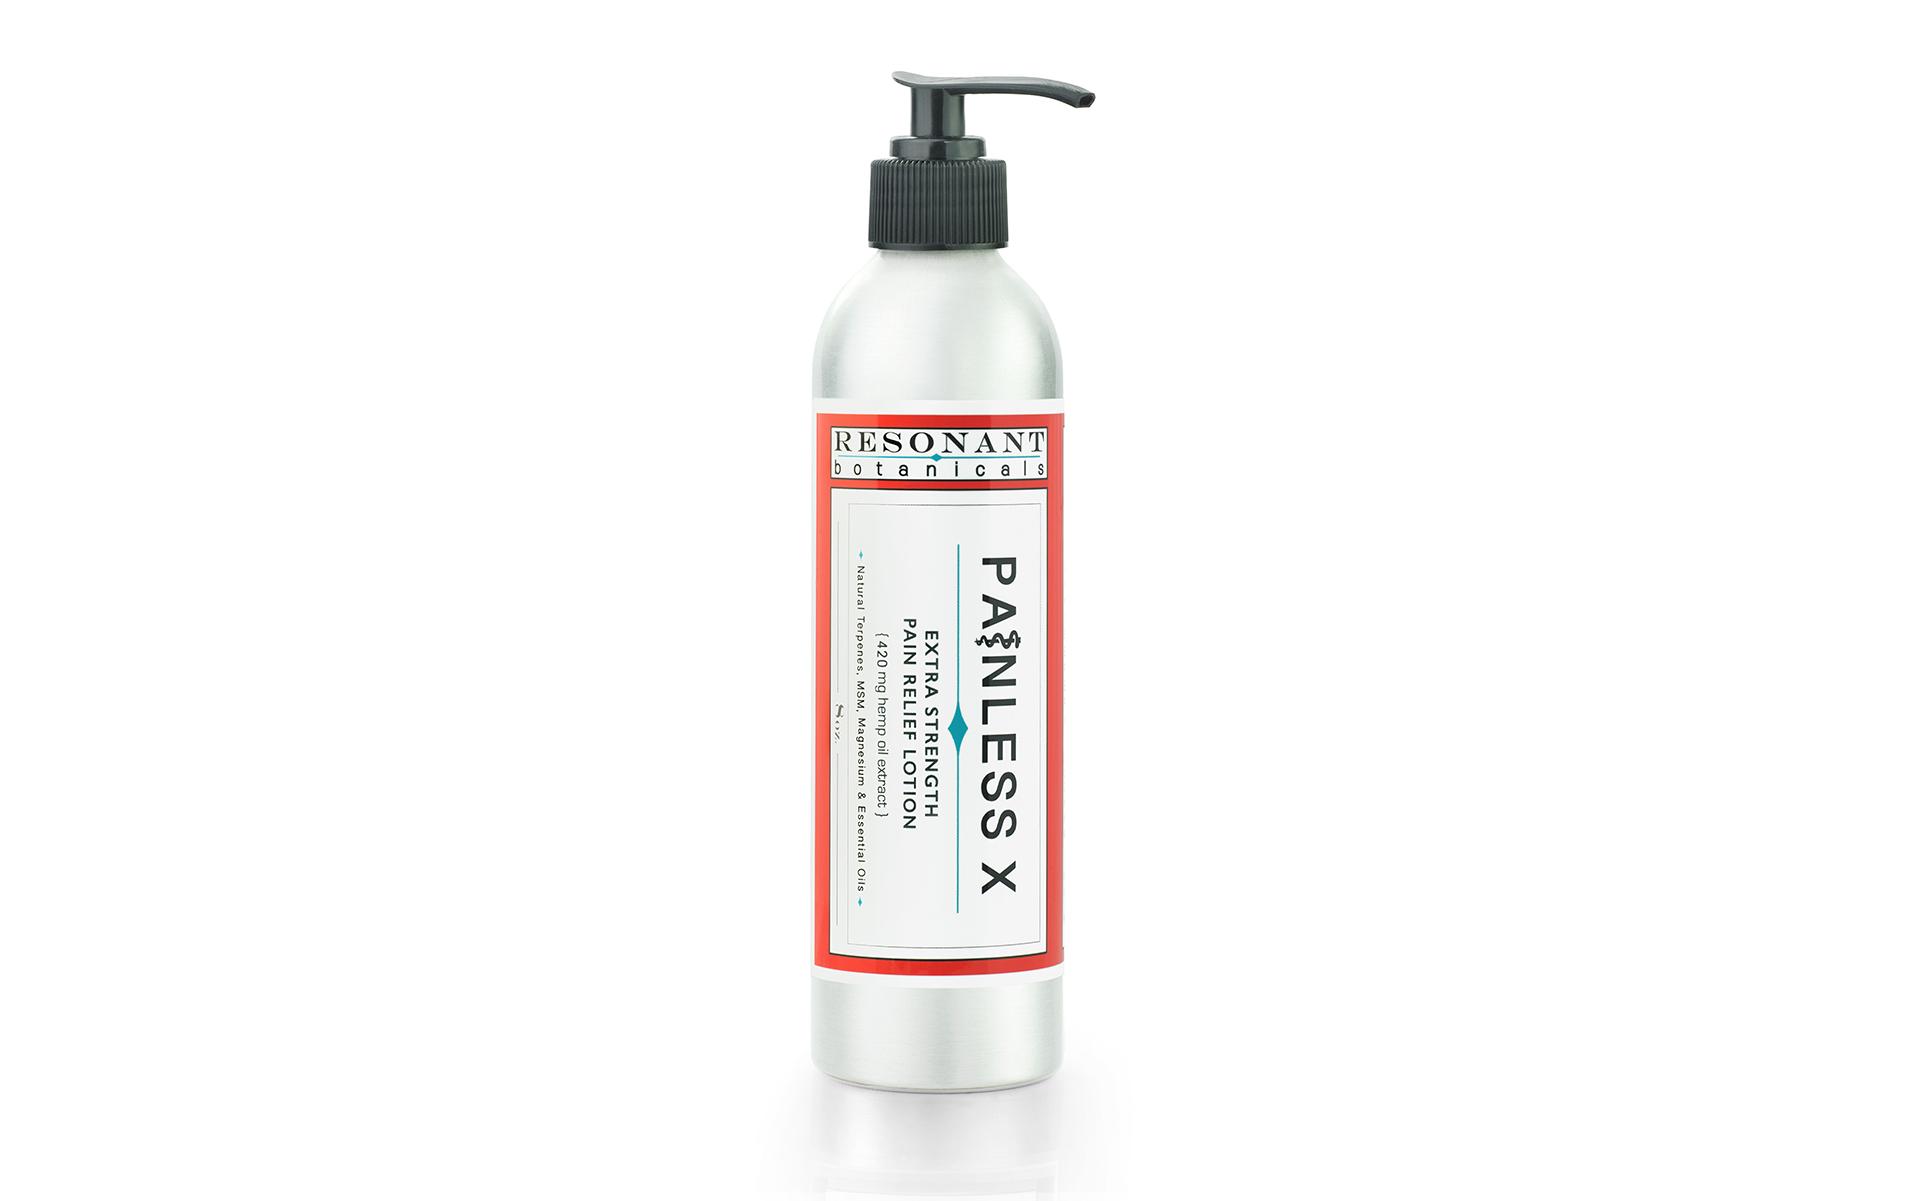 Resonant Botanicals Painless X lotion product shot